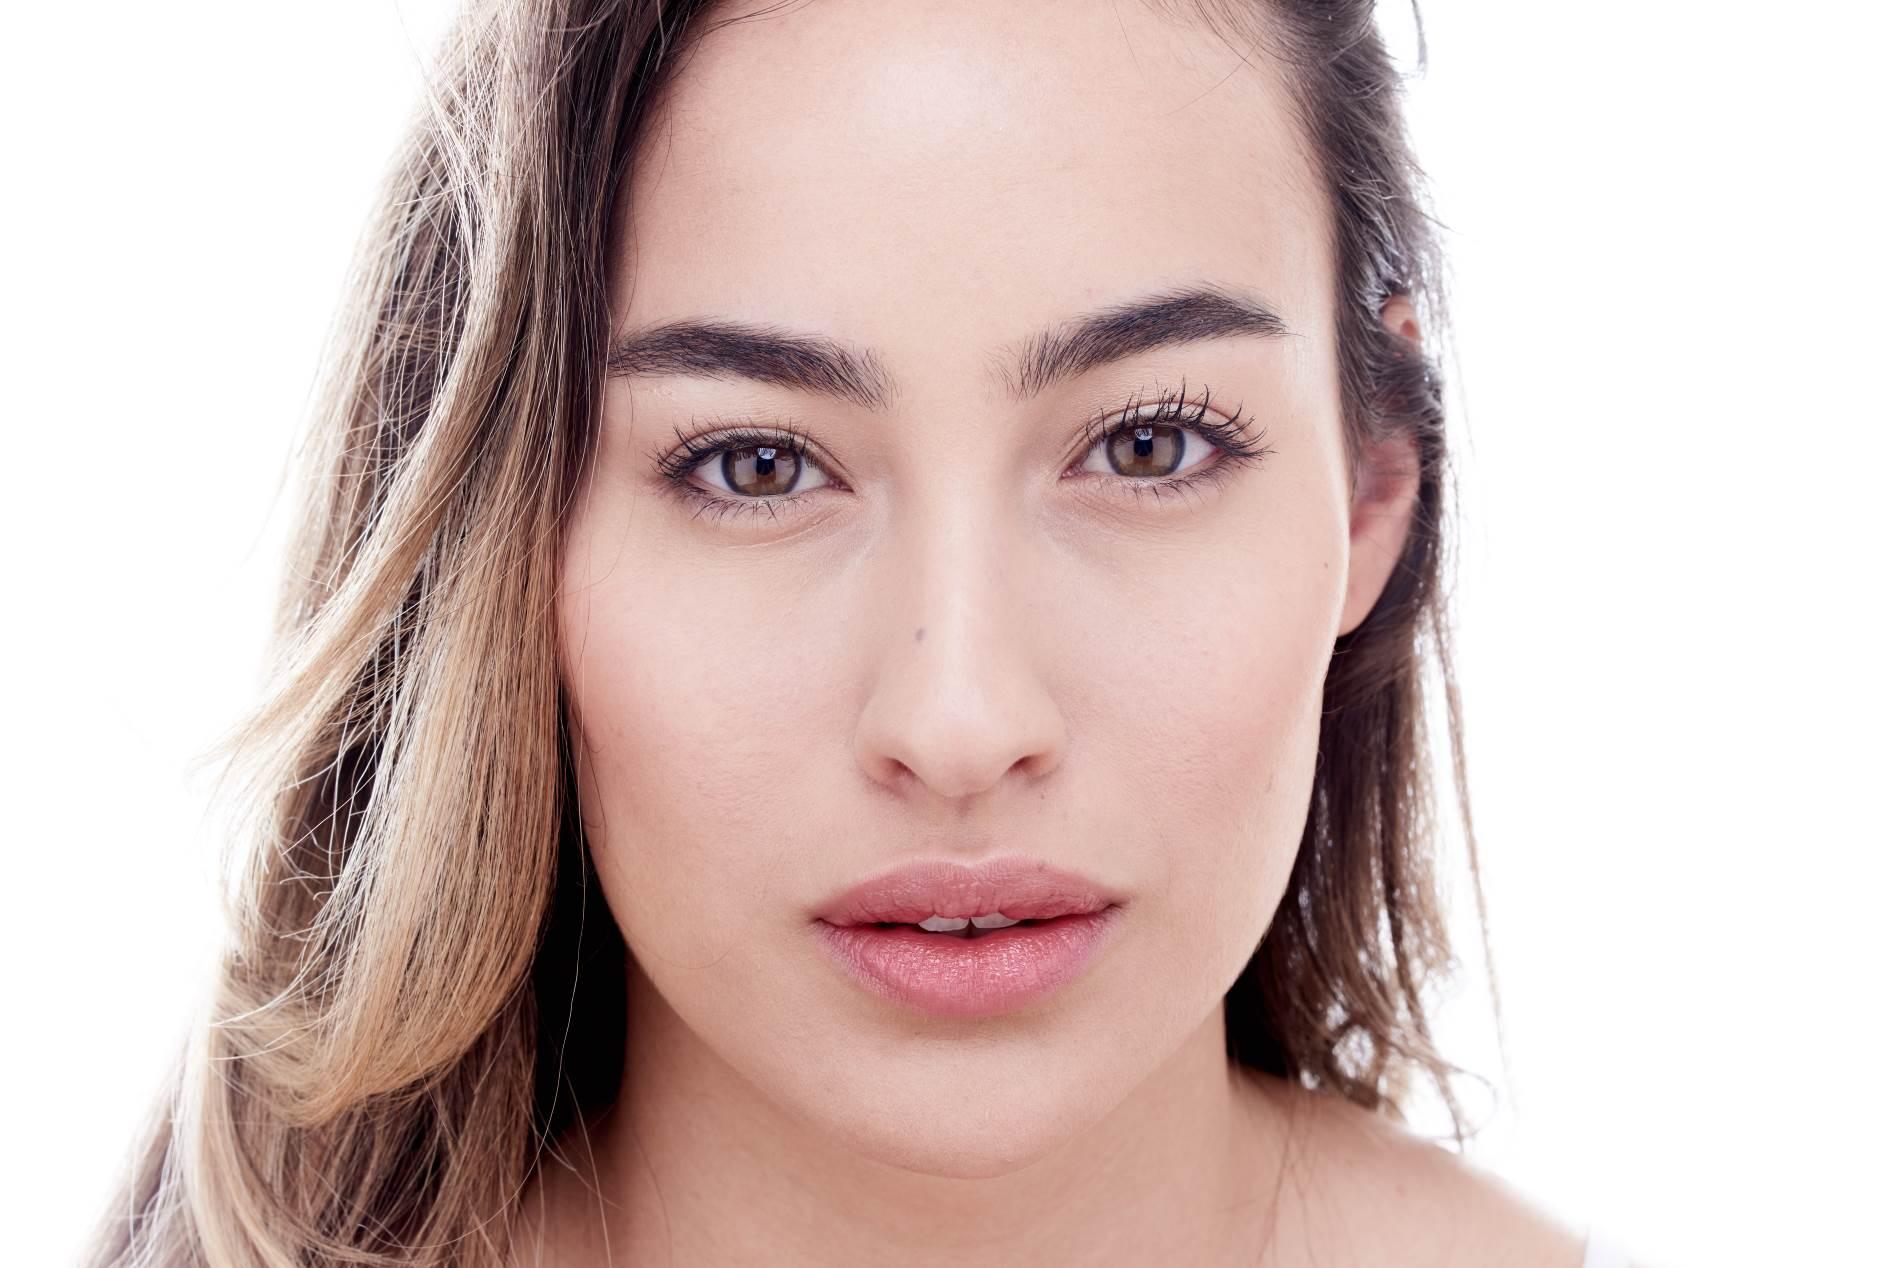 עיבוי שפתיים בפרופורציה